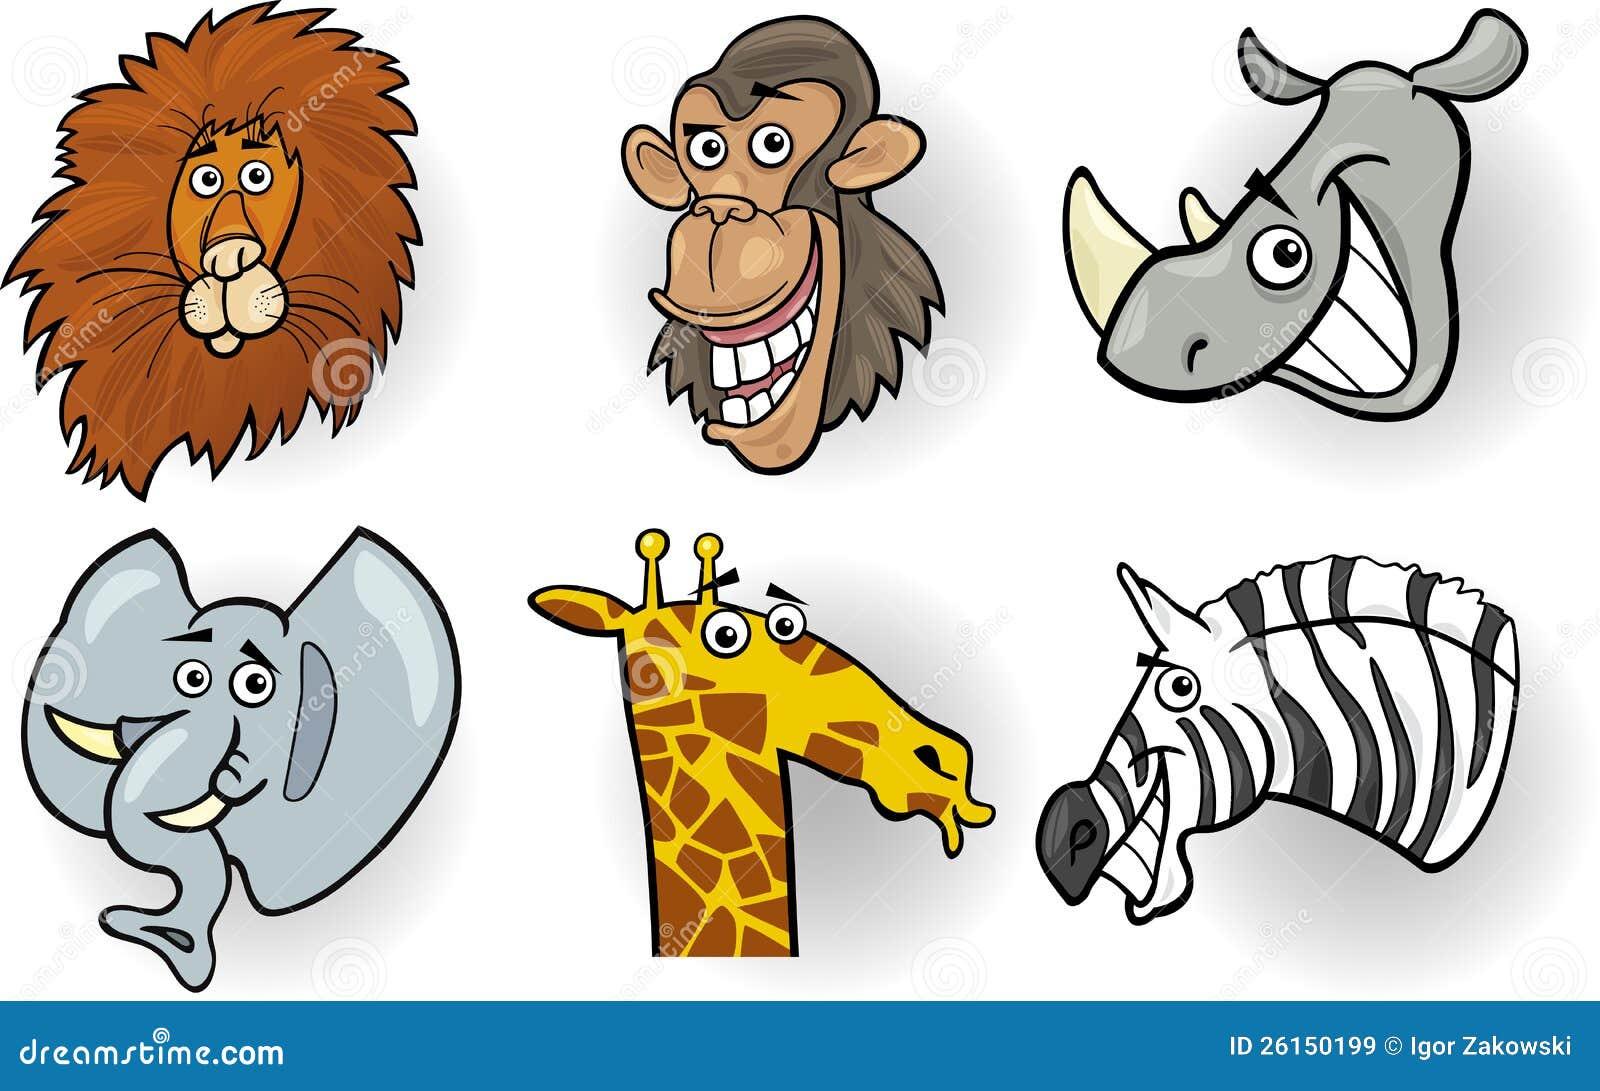 T tes d 39 animaux sauvages de dessin anim r gl es - Images d animaux sauvages gratuites ...